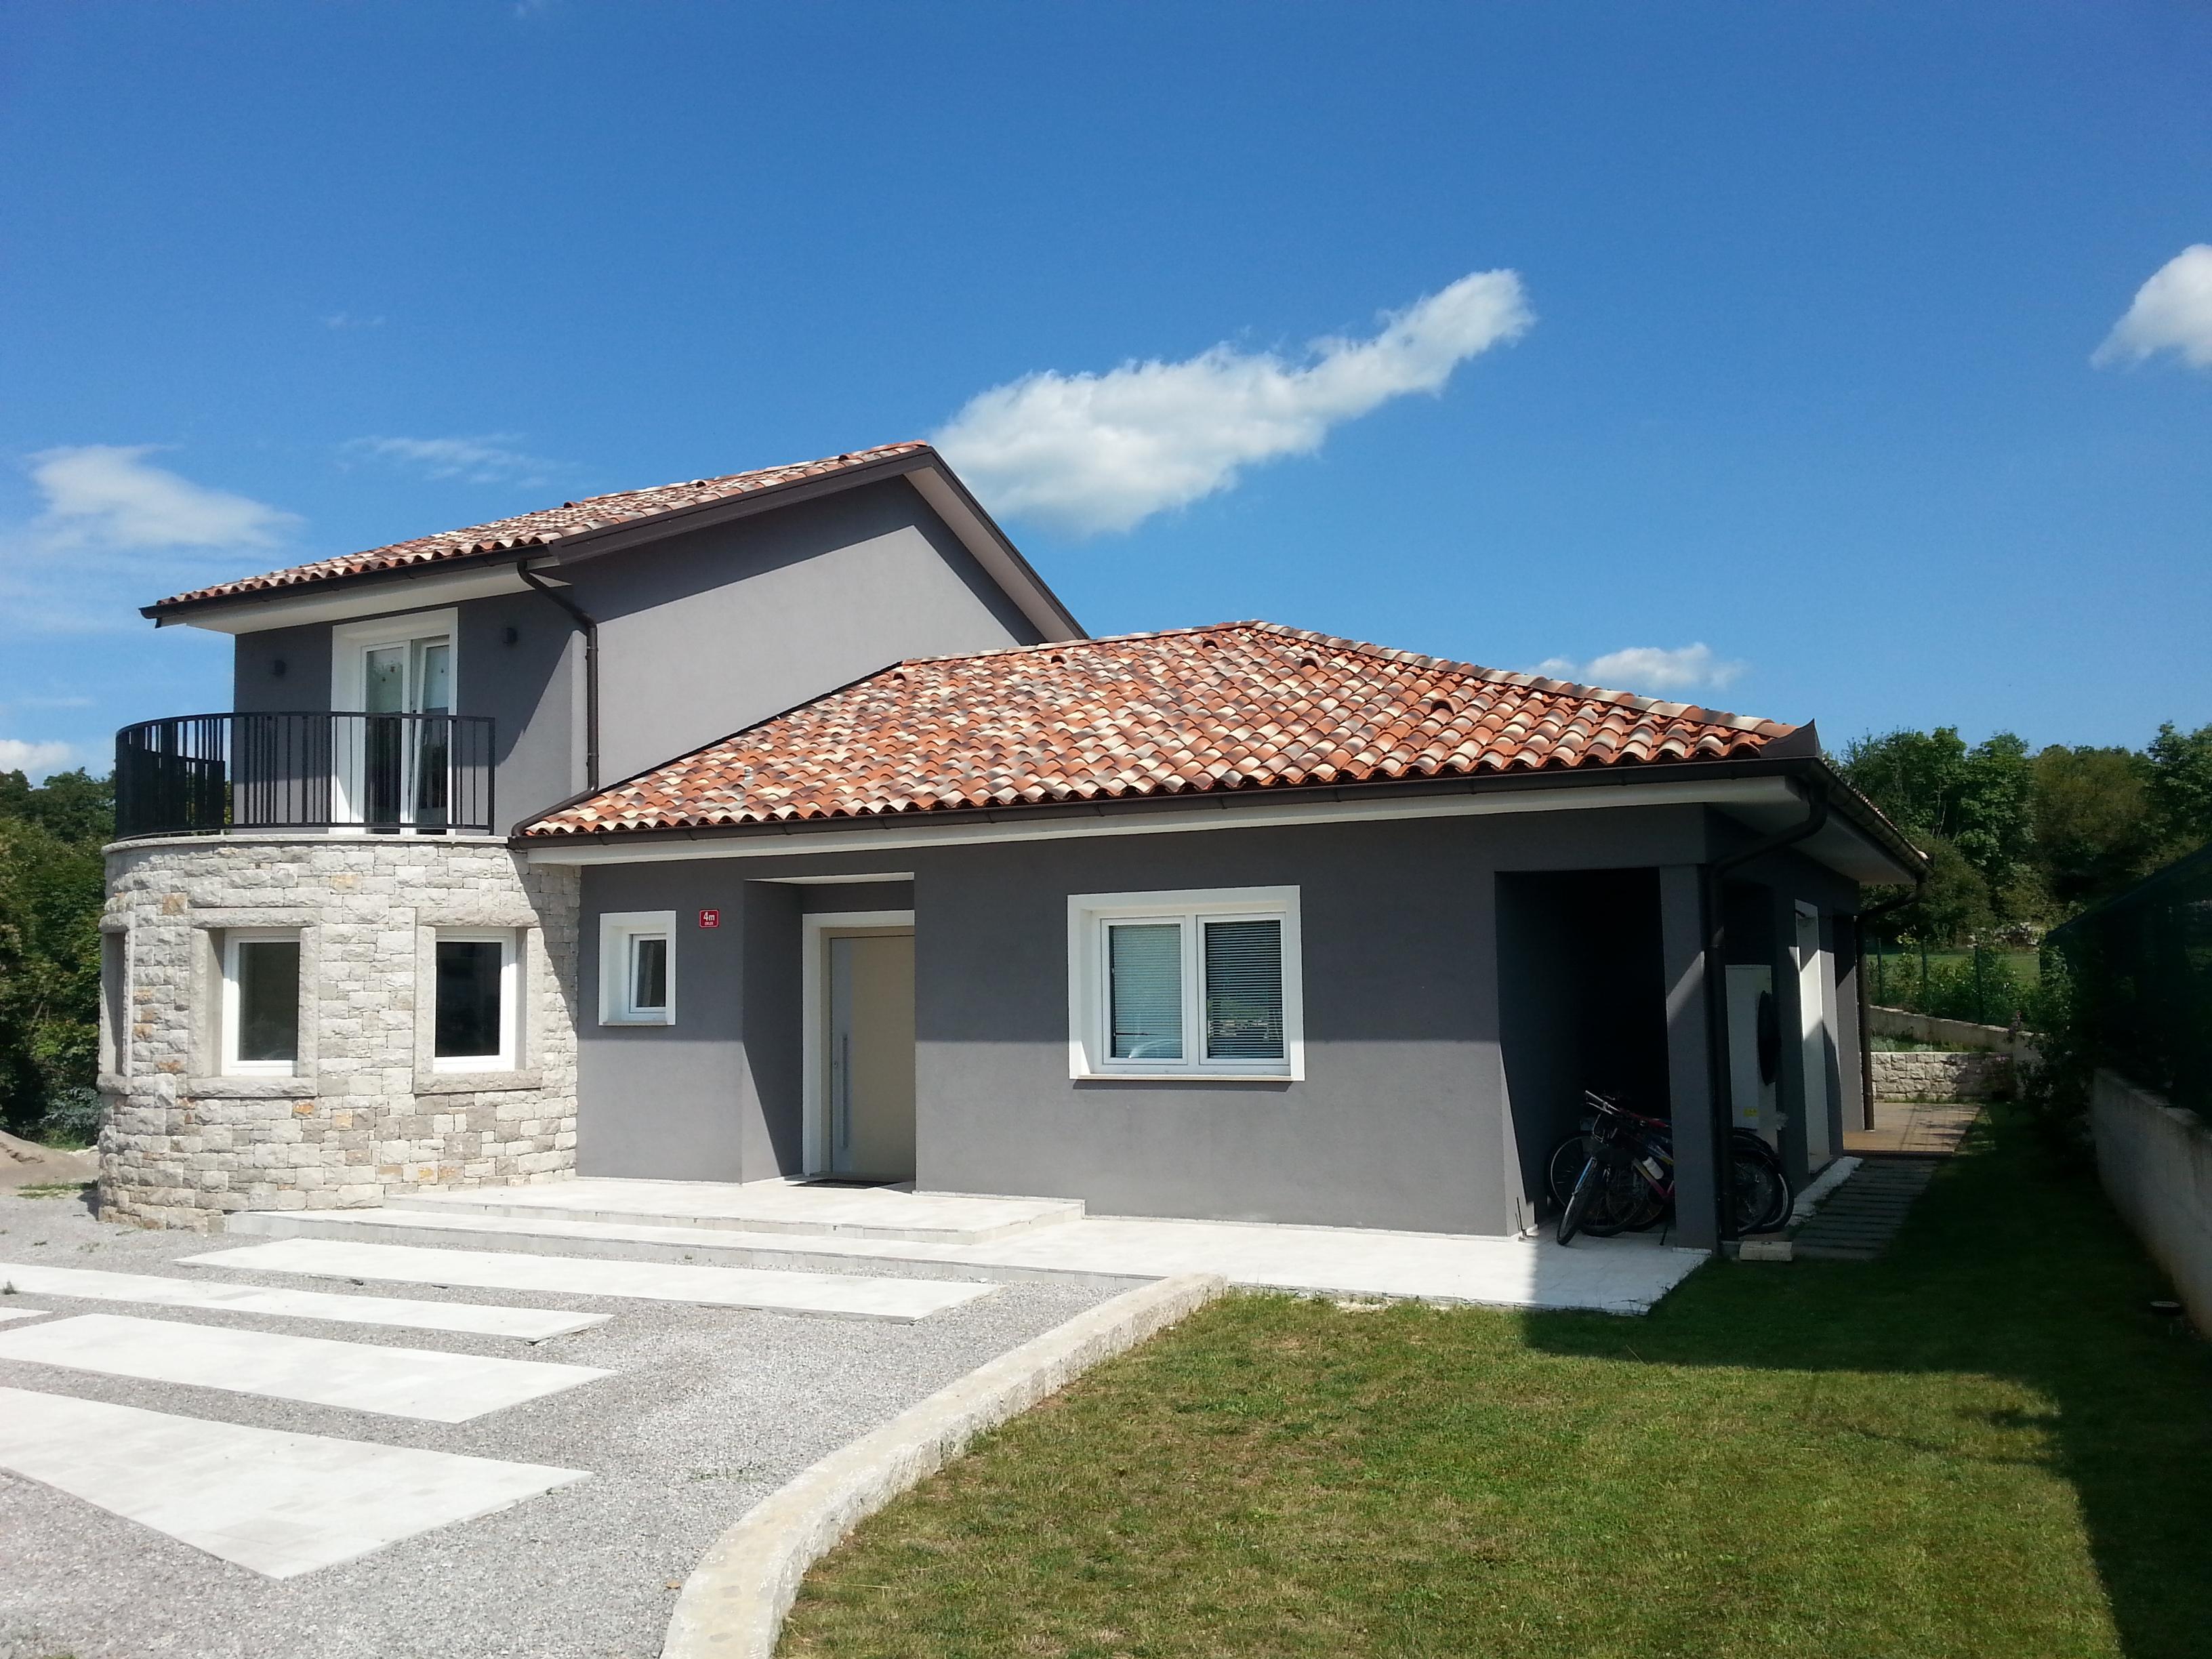 Vendita casa indipendente lokev primorska slovenia for Case in vendita a tanaunella da privati